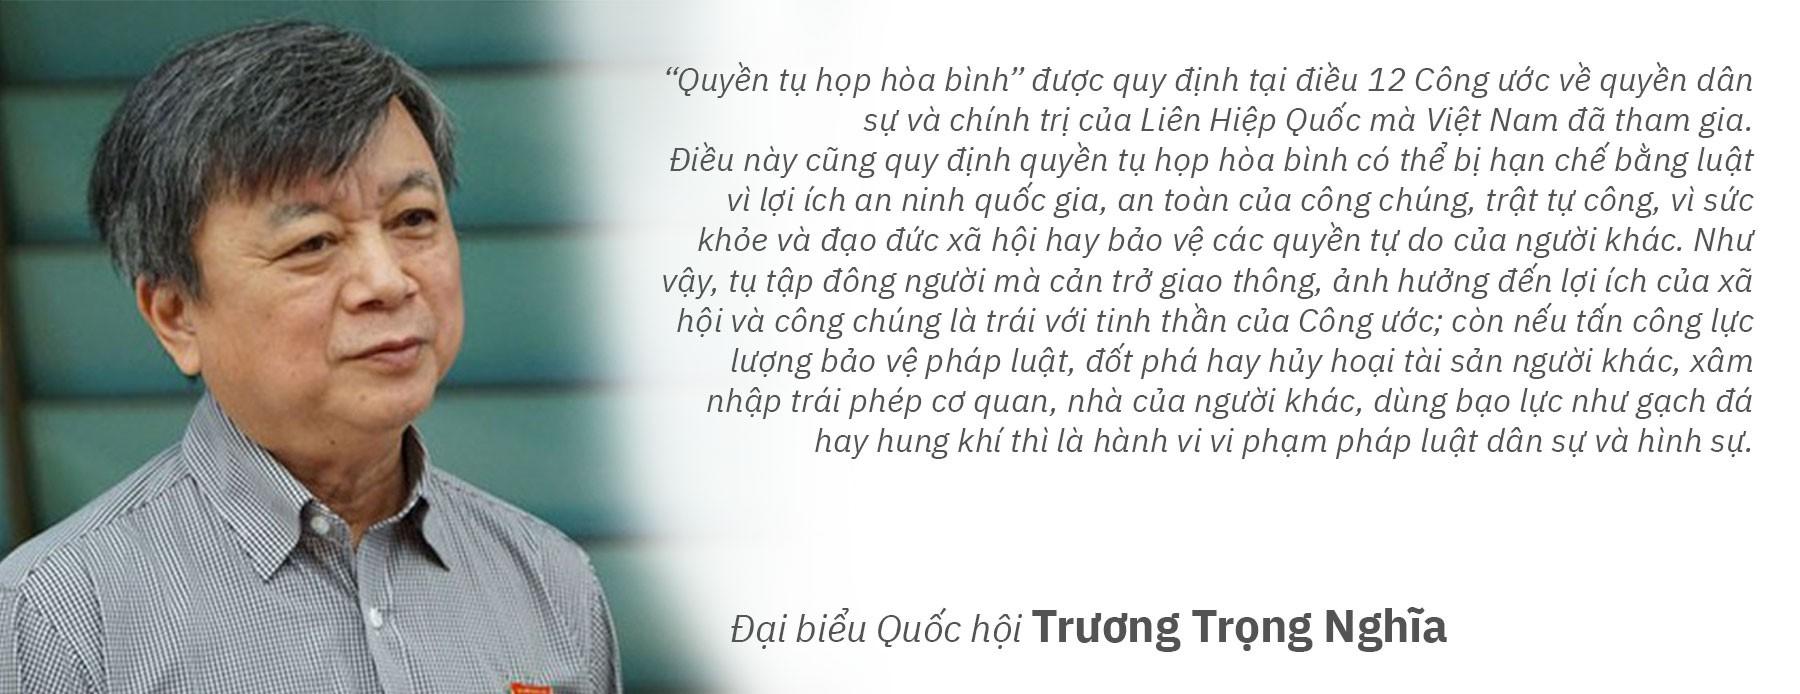 (eMagazine)- Toàn cảnh vụ gây rối ở TP HCM và Bình Thuận - Ảnh 18.